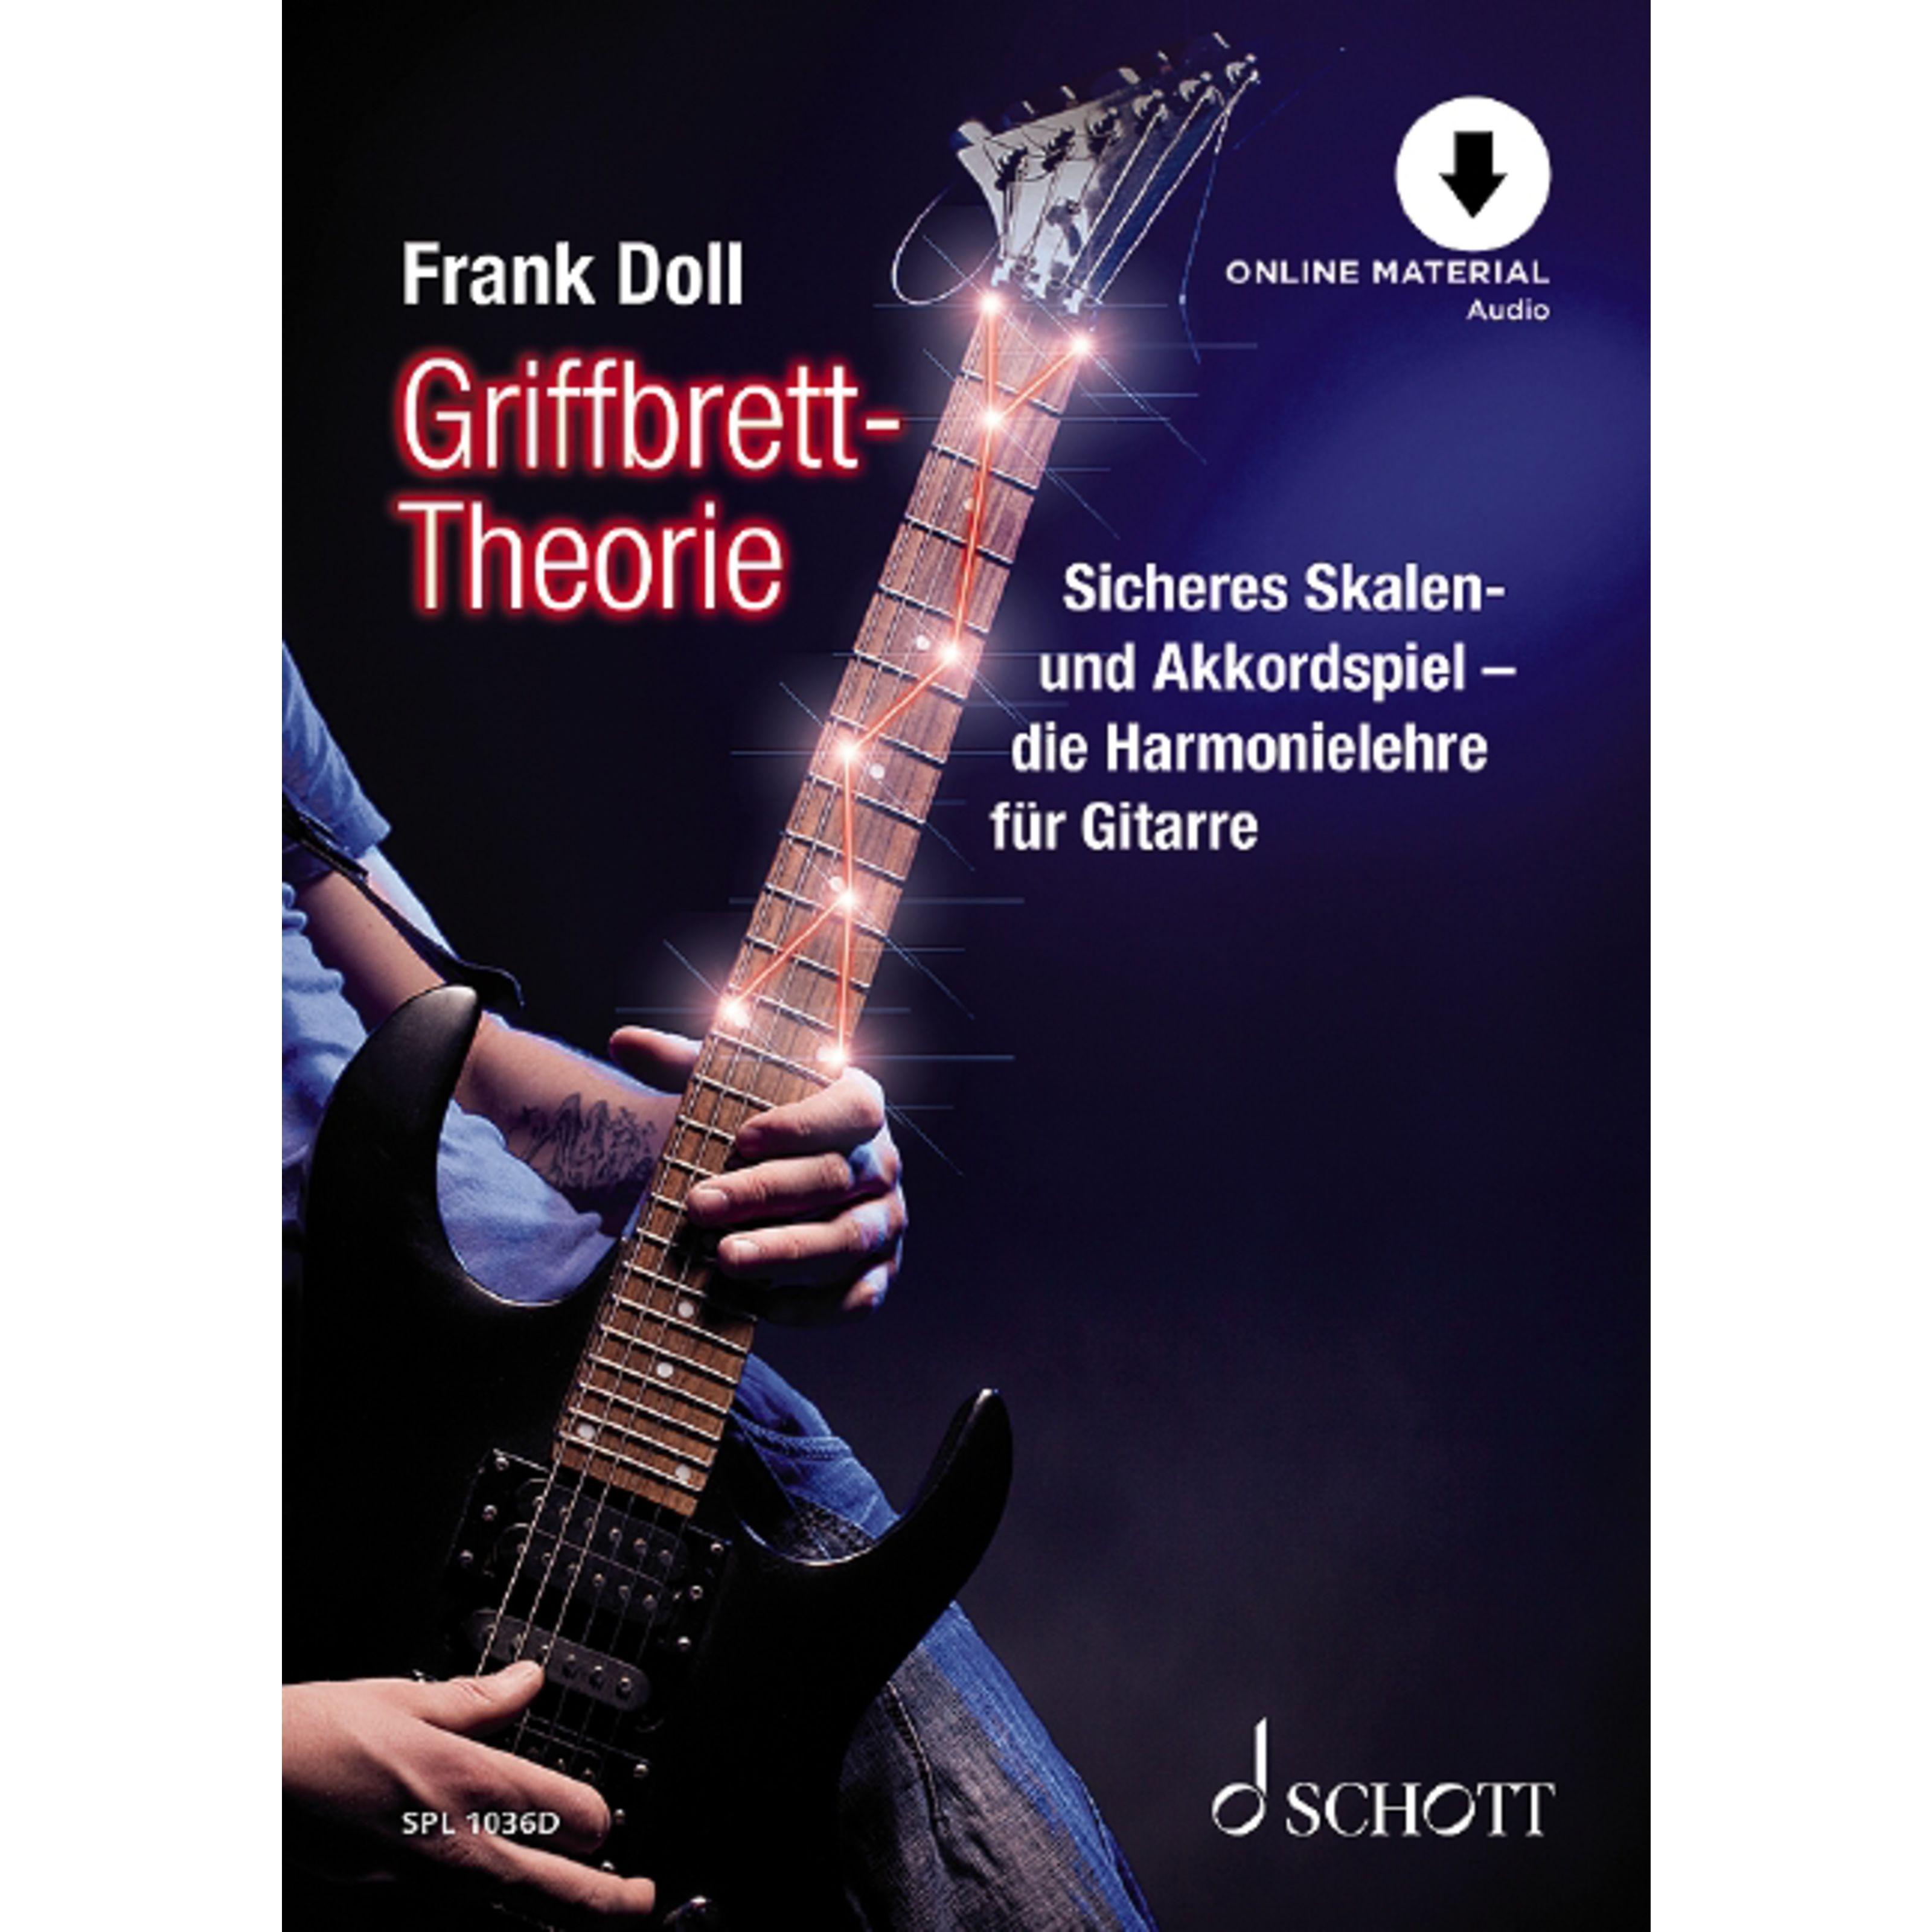 Schott Music - Griffbrett-Theorie SPL 1036-96